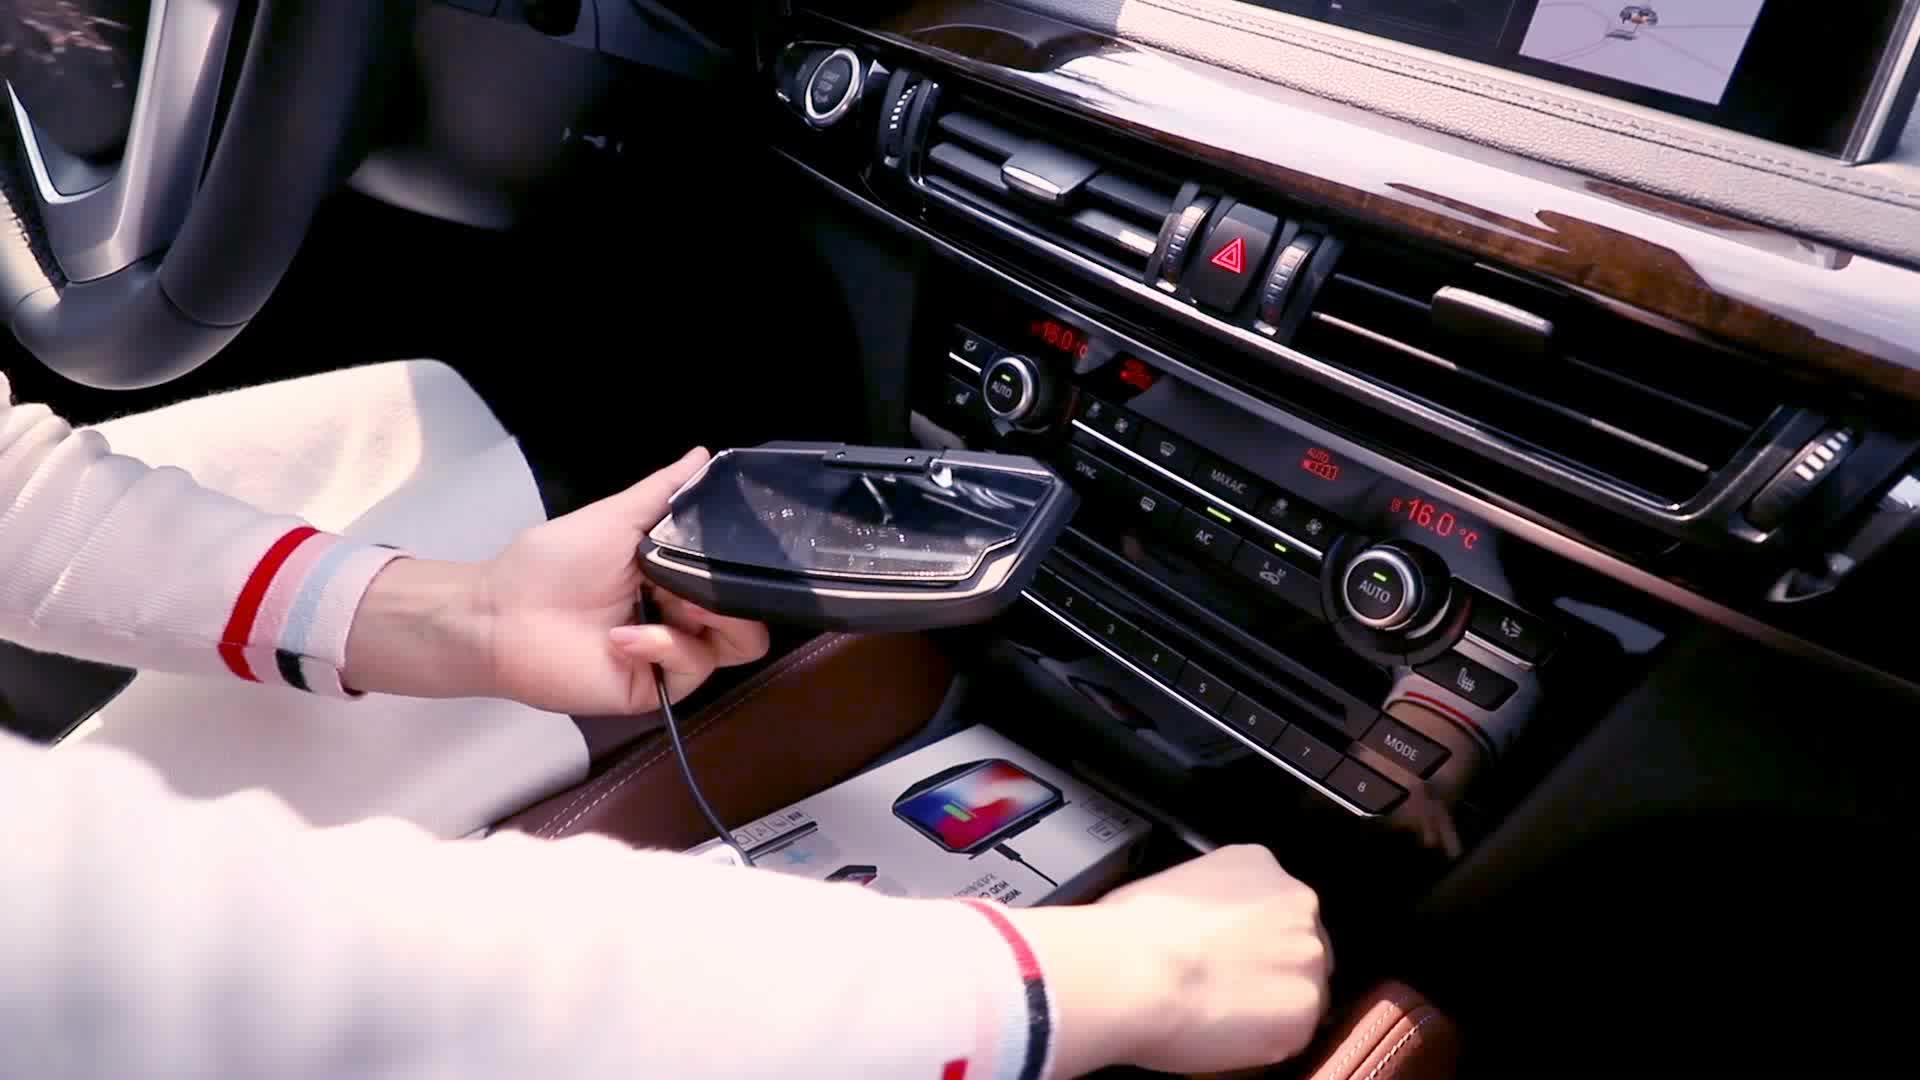 2 In 1 HUD Caricabatteria Da Auto Senza Fili Per Auto di Navigazione GPS Del Telefono Mobile Del Basamento Del Supporto Del Proiettore Staffa di Supporto di Ricarica Wireless QI